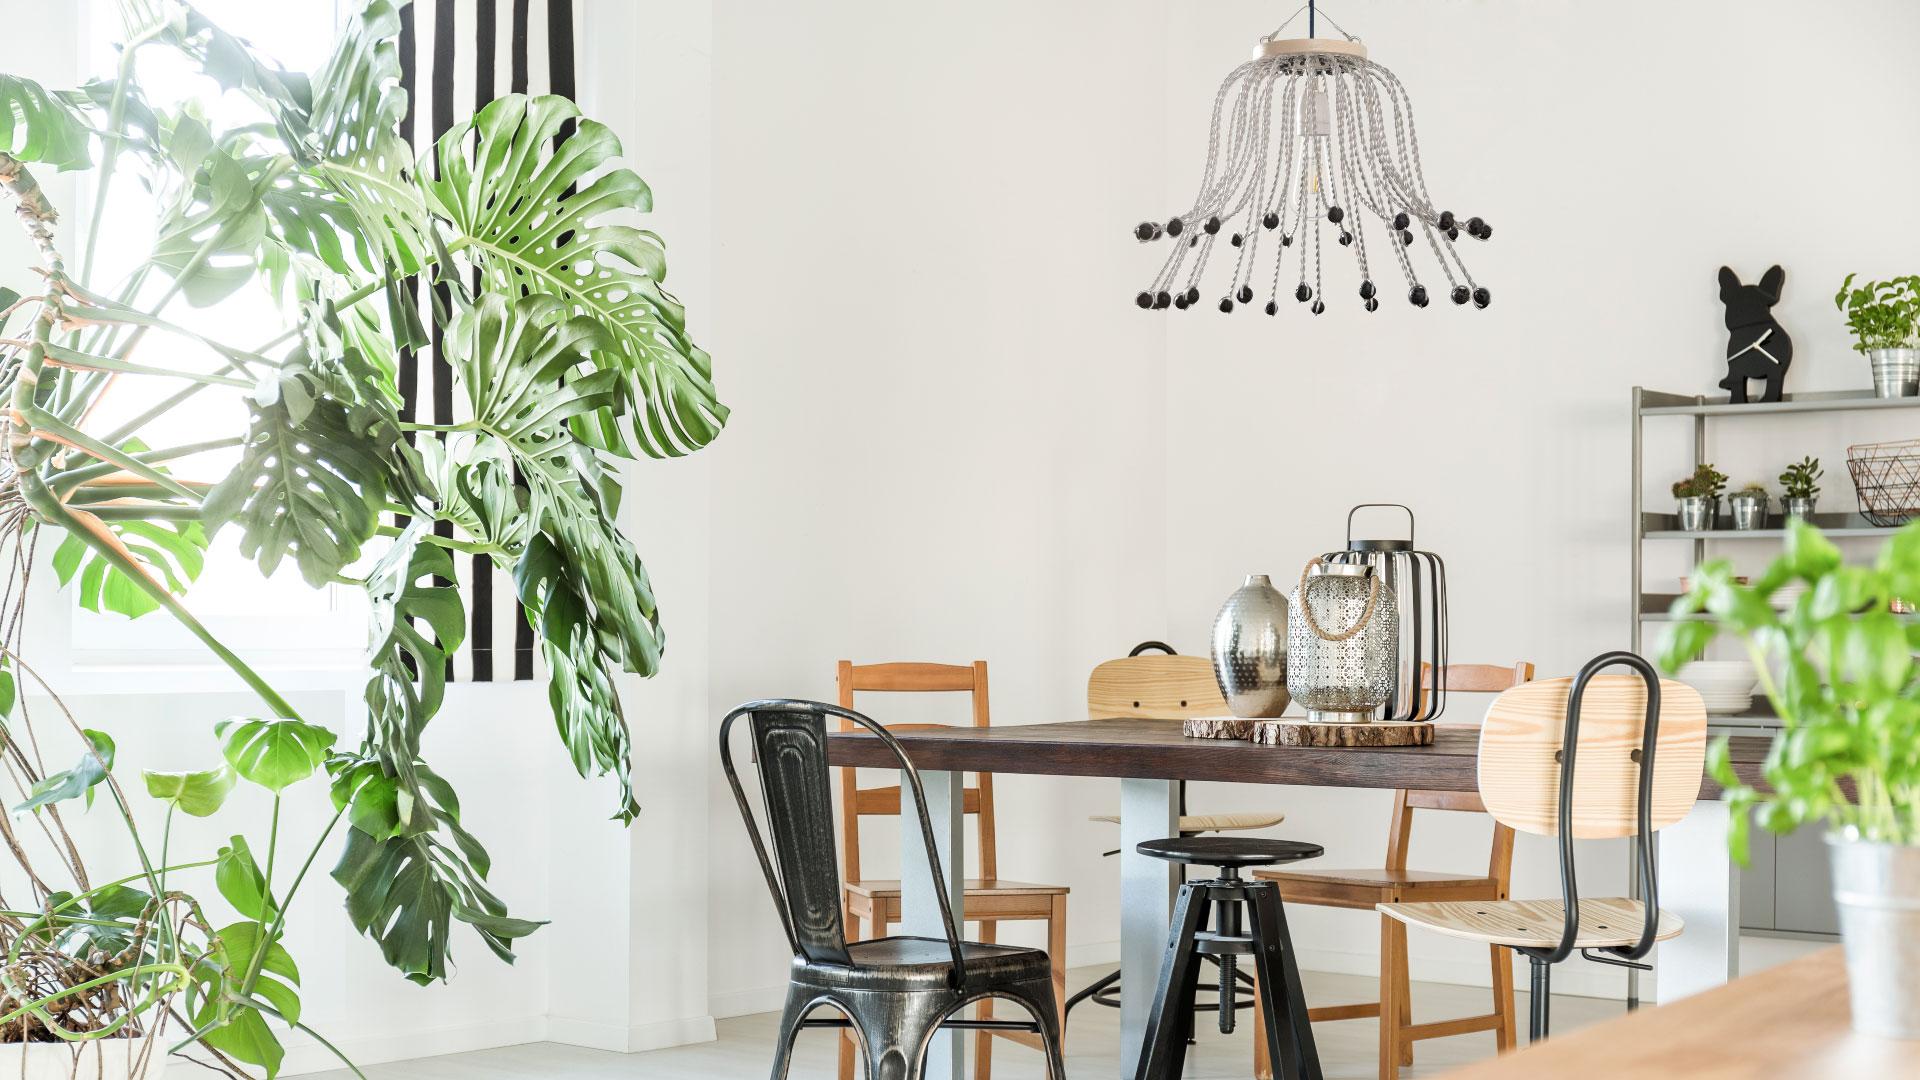 Lámpara CROÓ Uguas en salón con plantas y mesas de madera